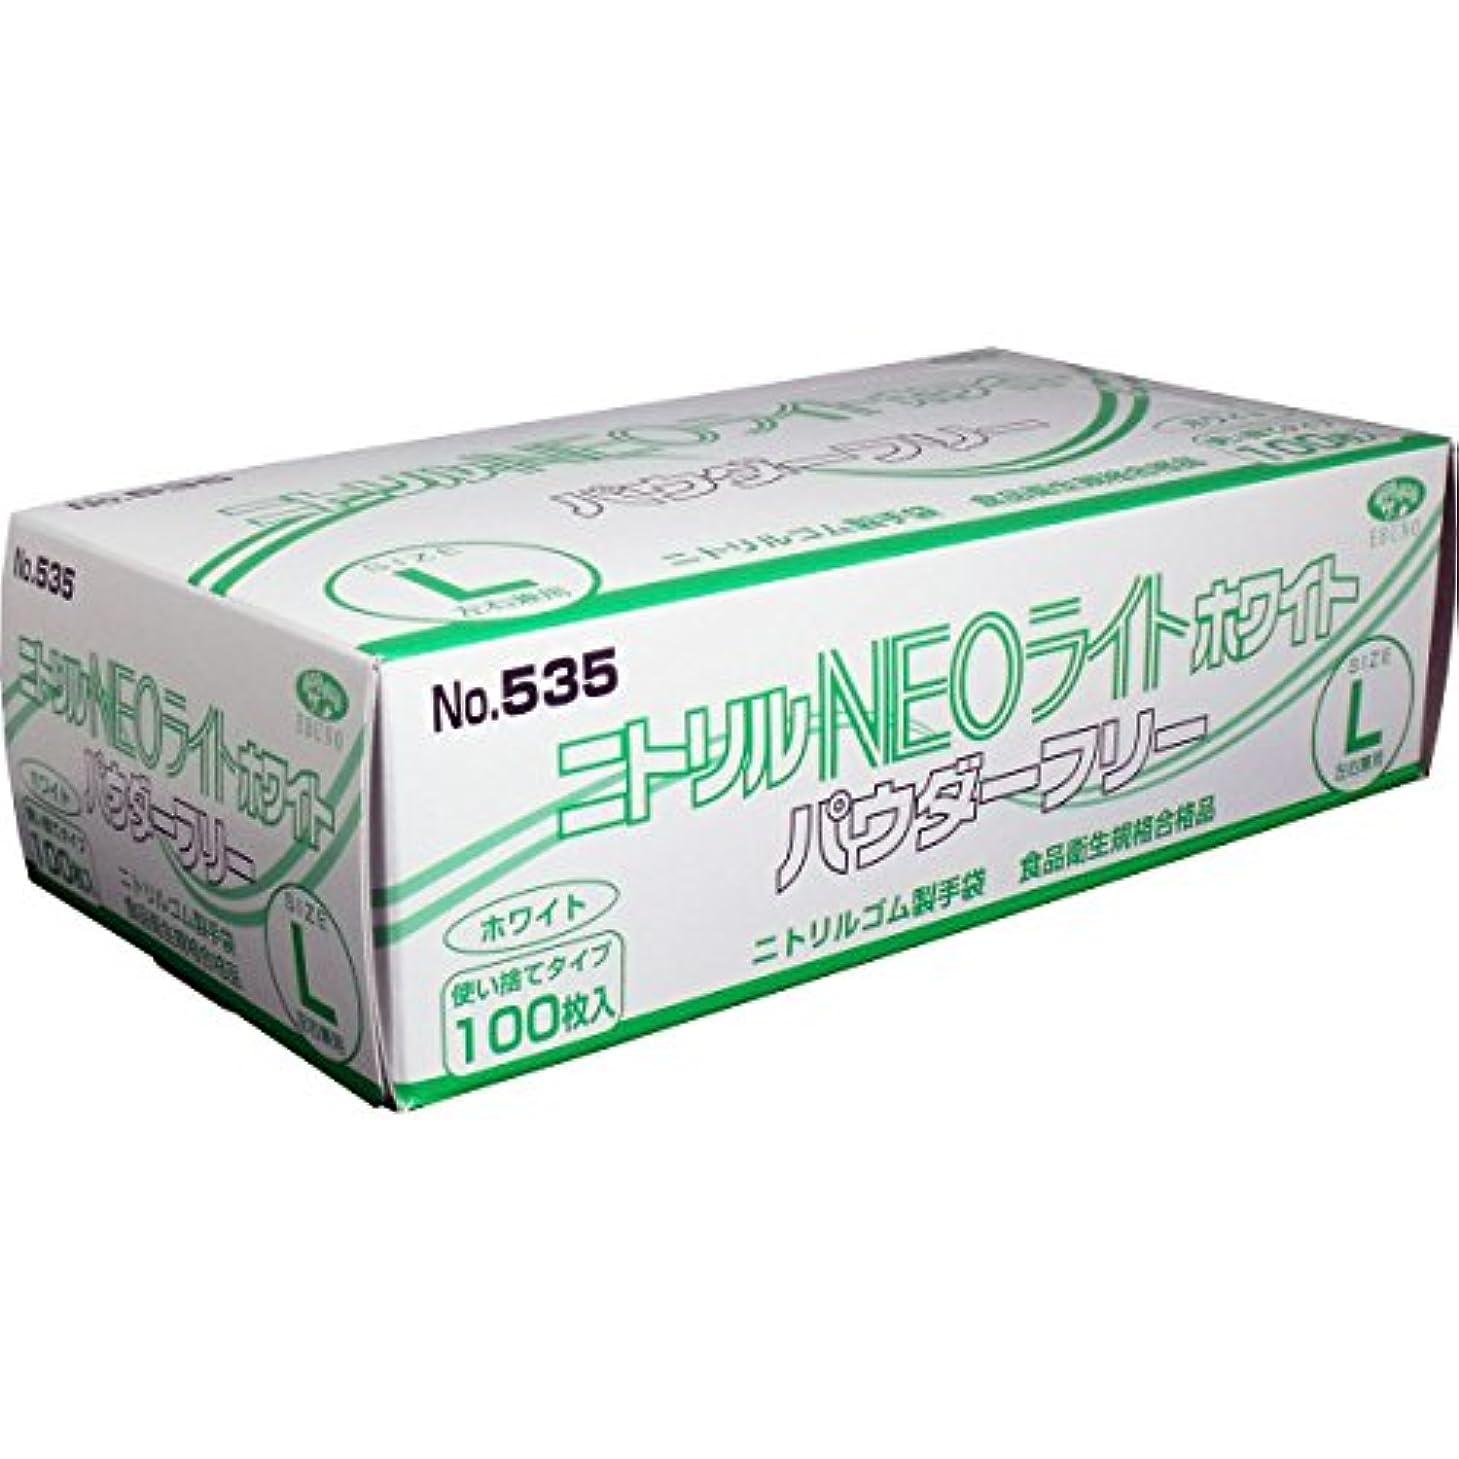 高くエーカー小競り合いニトリル手袋 NEOライト パウダーフリー ホワイト Lサイズ 100枚入 ×3個セット